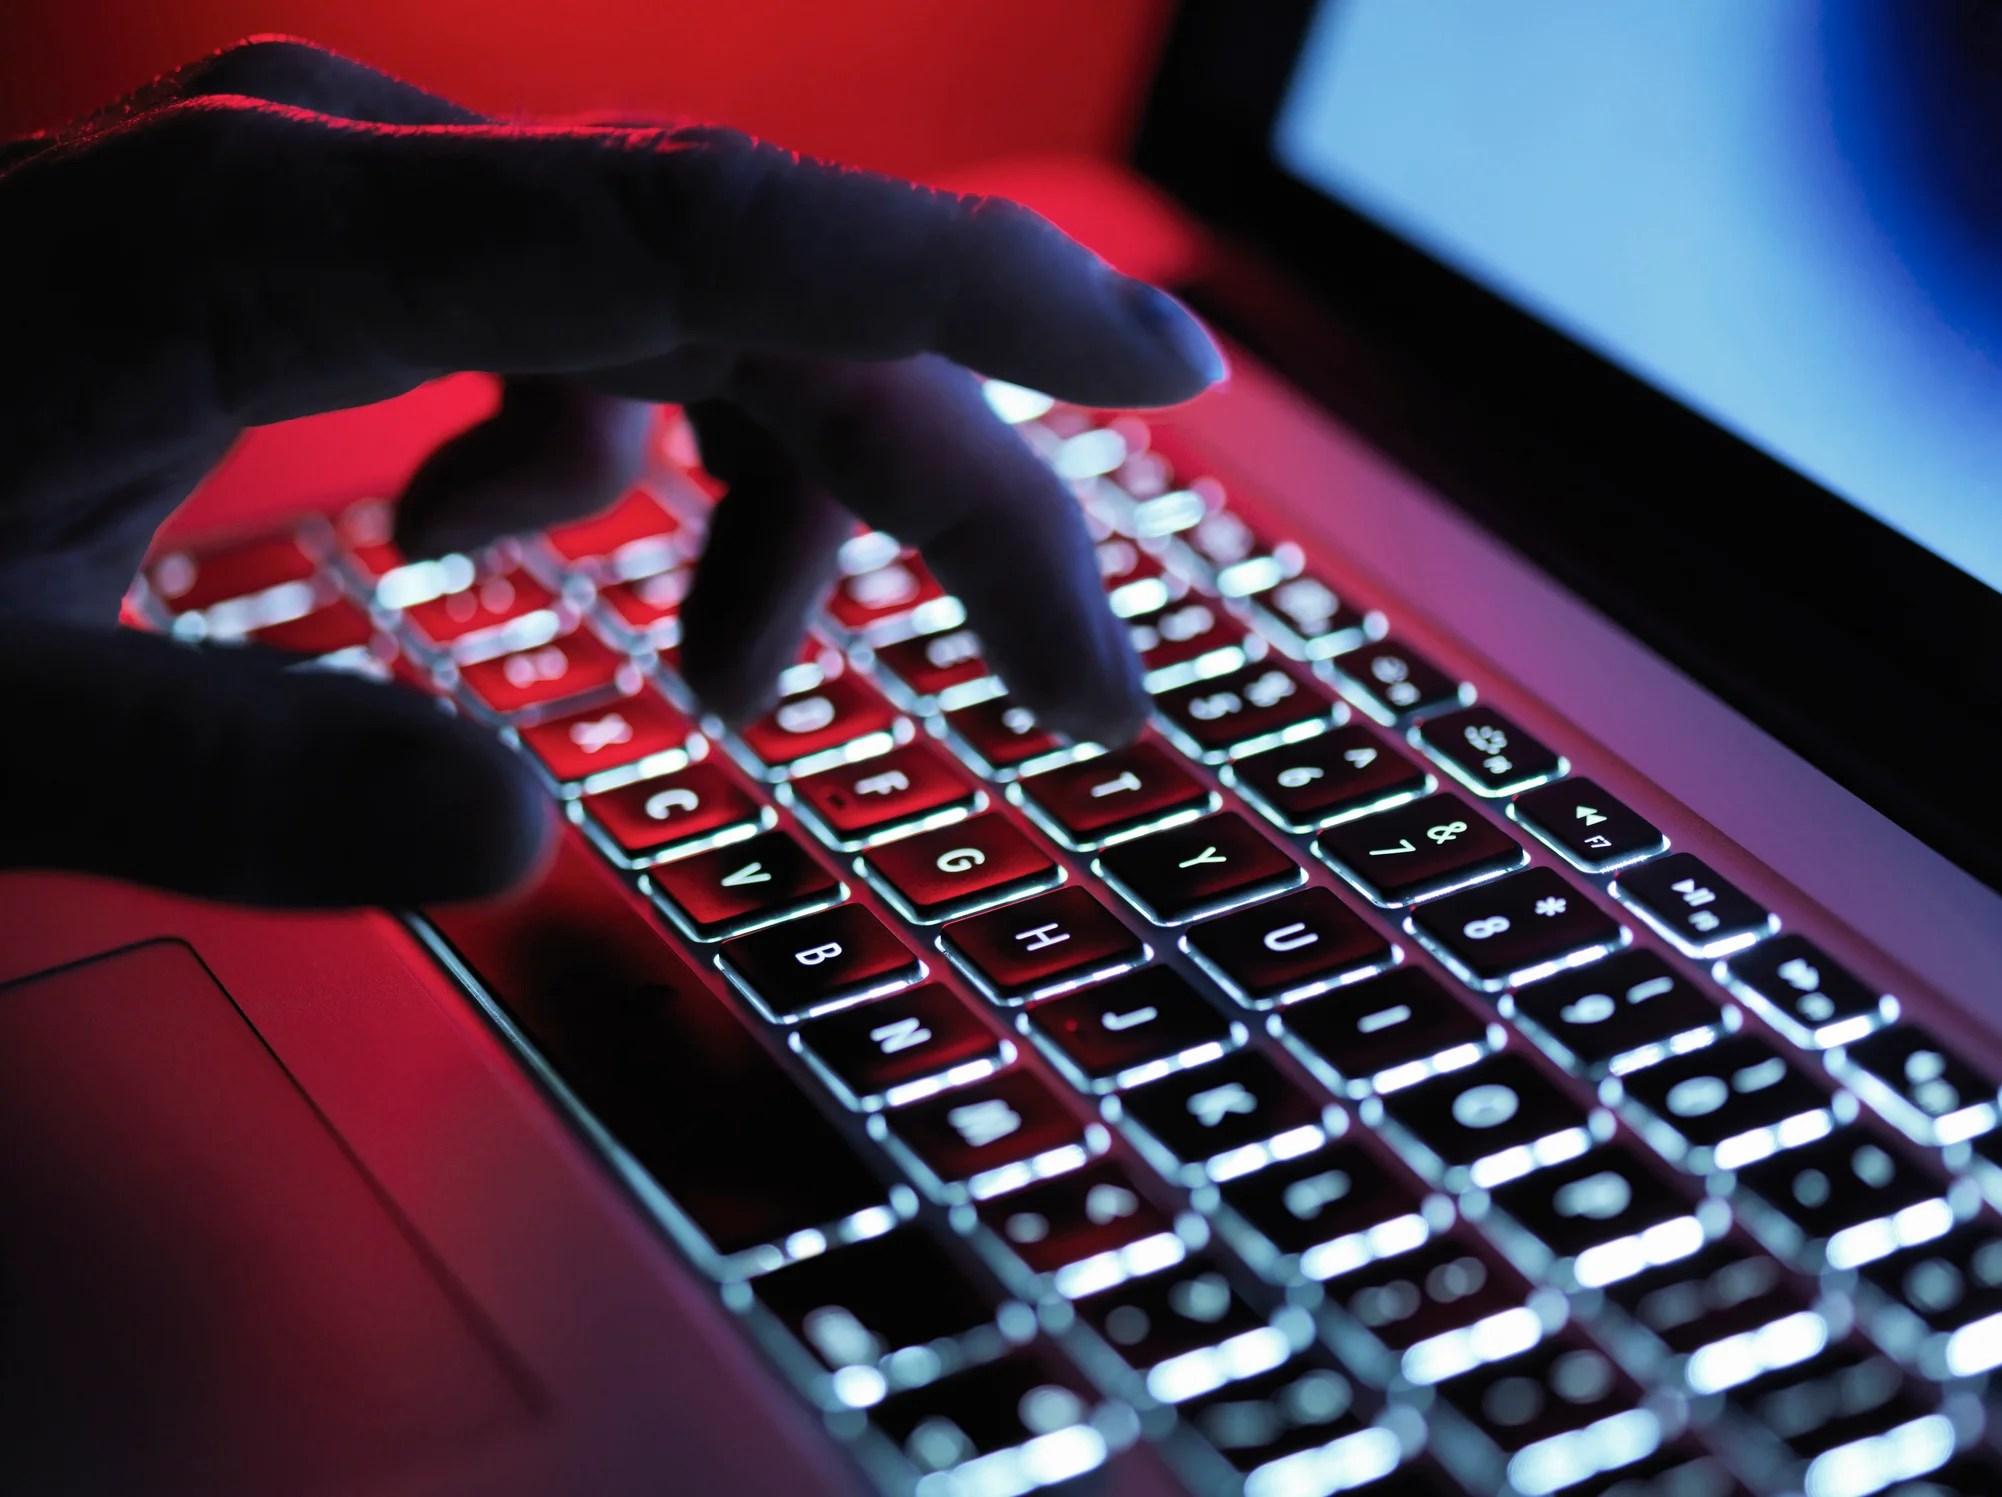 Some IHG Rewards Accounts Hacked, Points Stolen